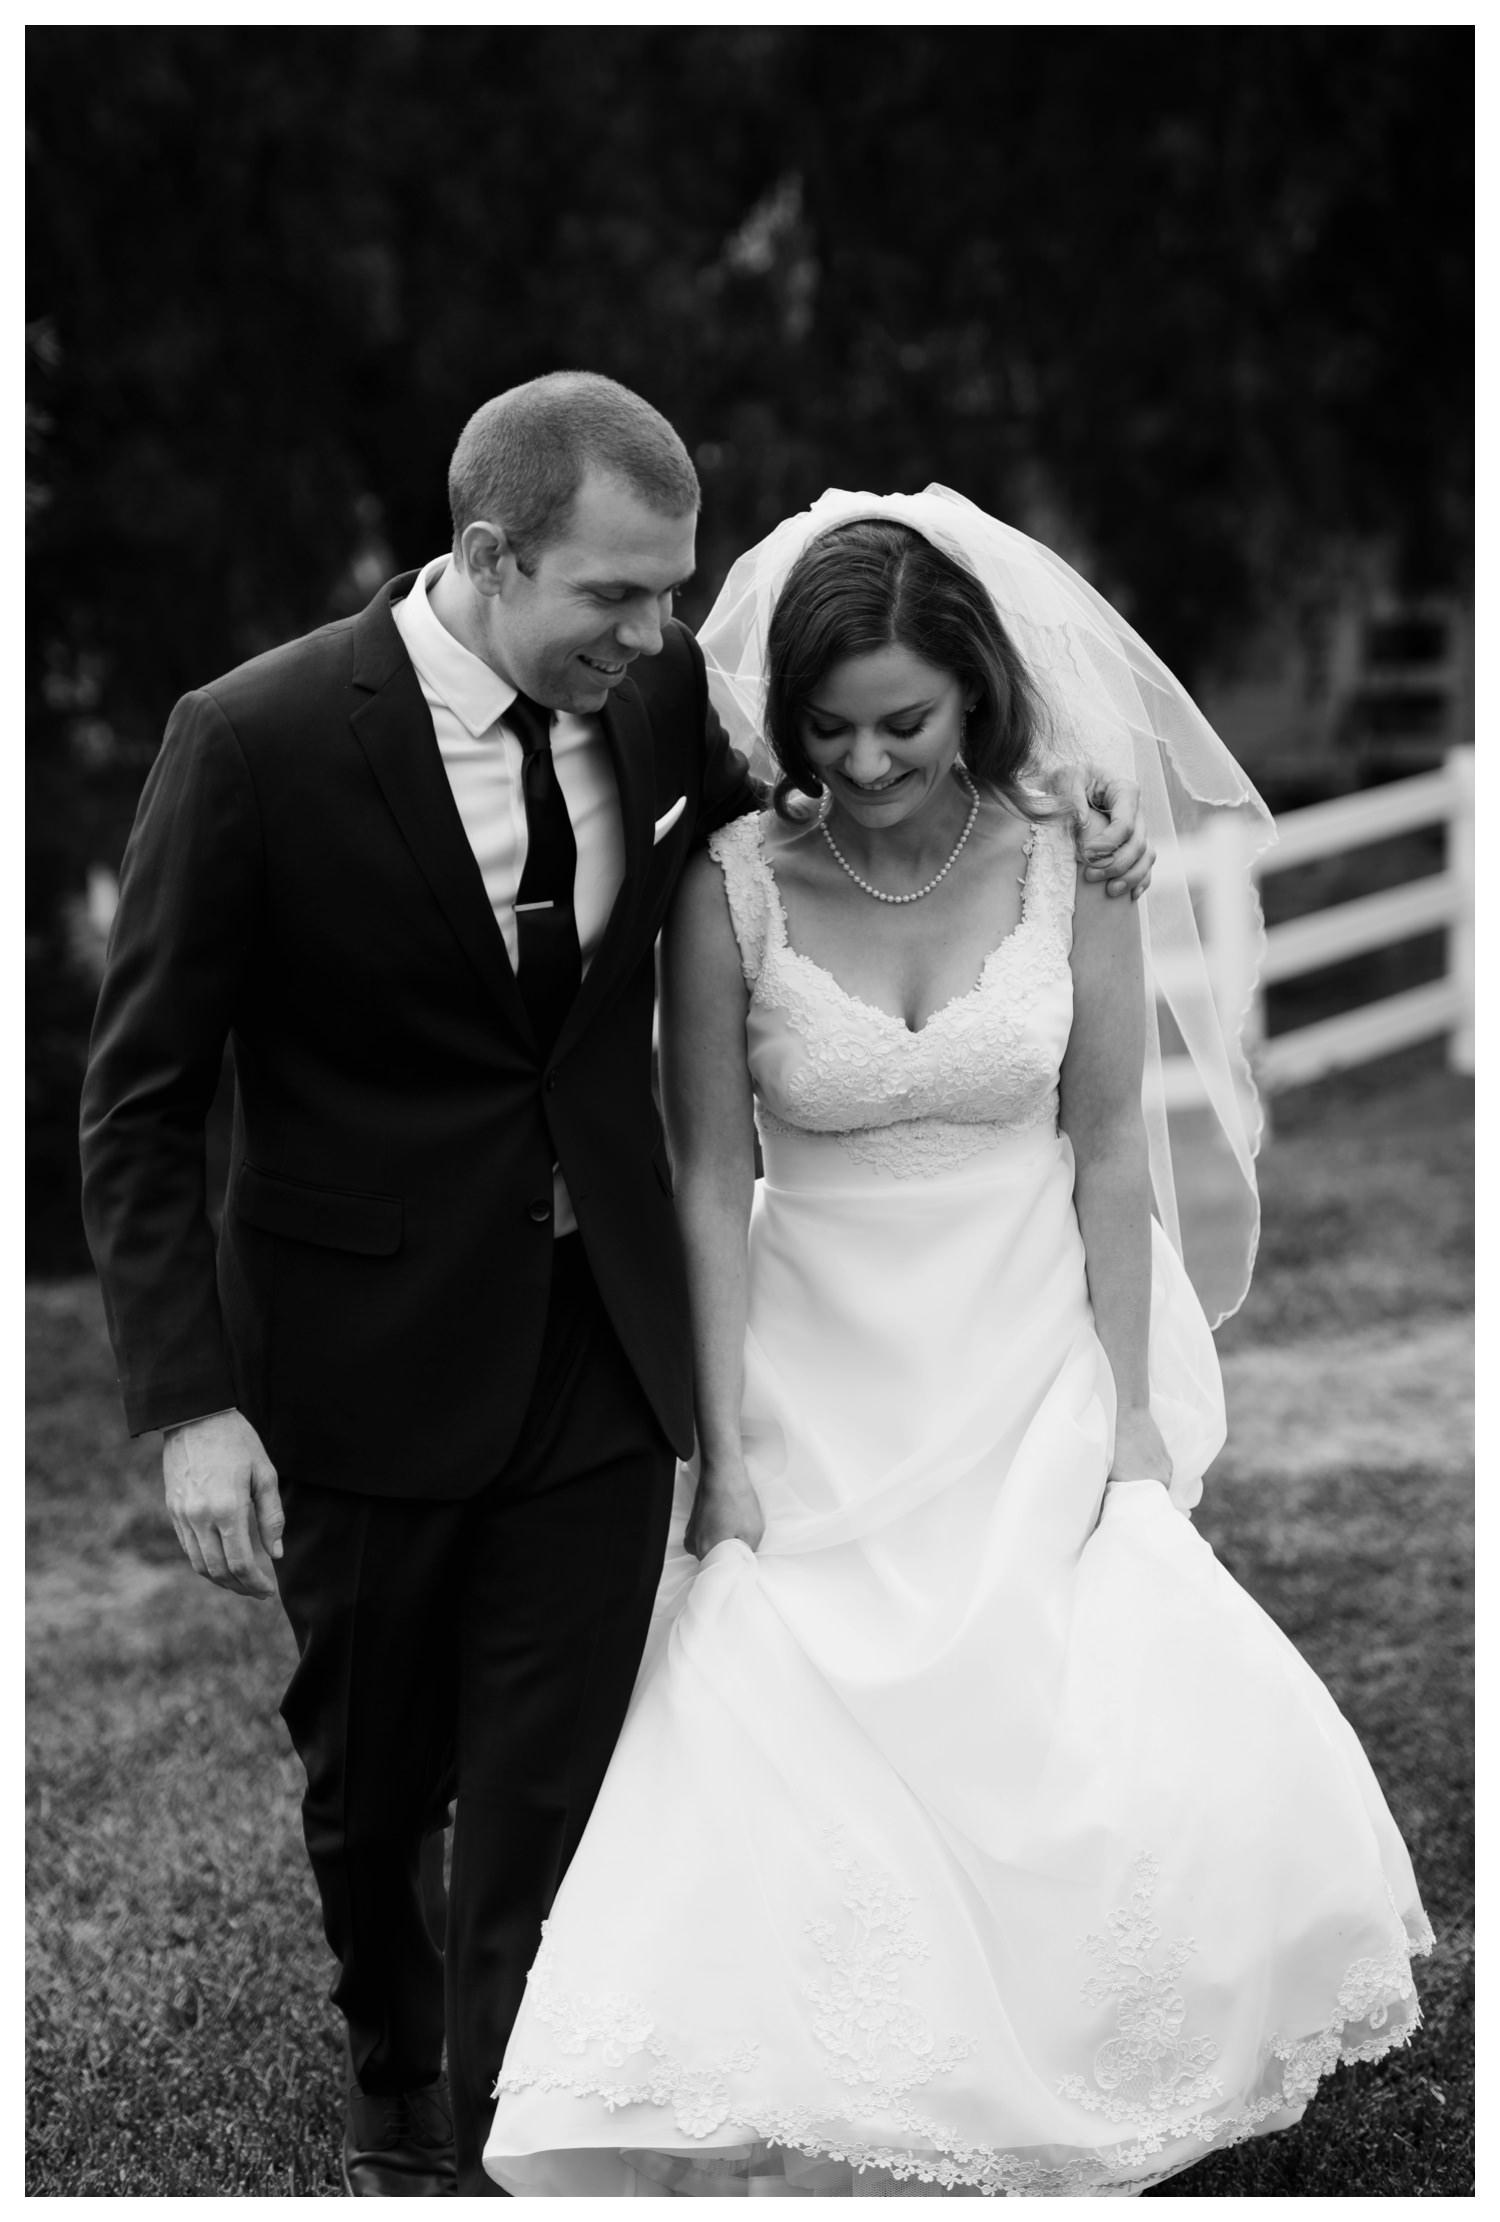 TheSinglers_WeddingPhotography_FallbrookWedding_0117.jpg